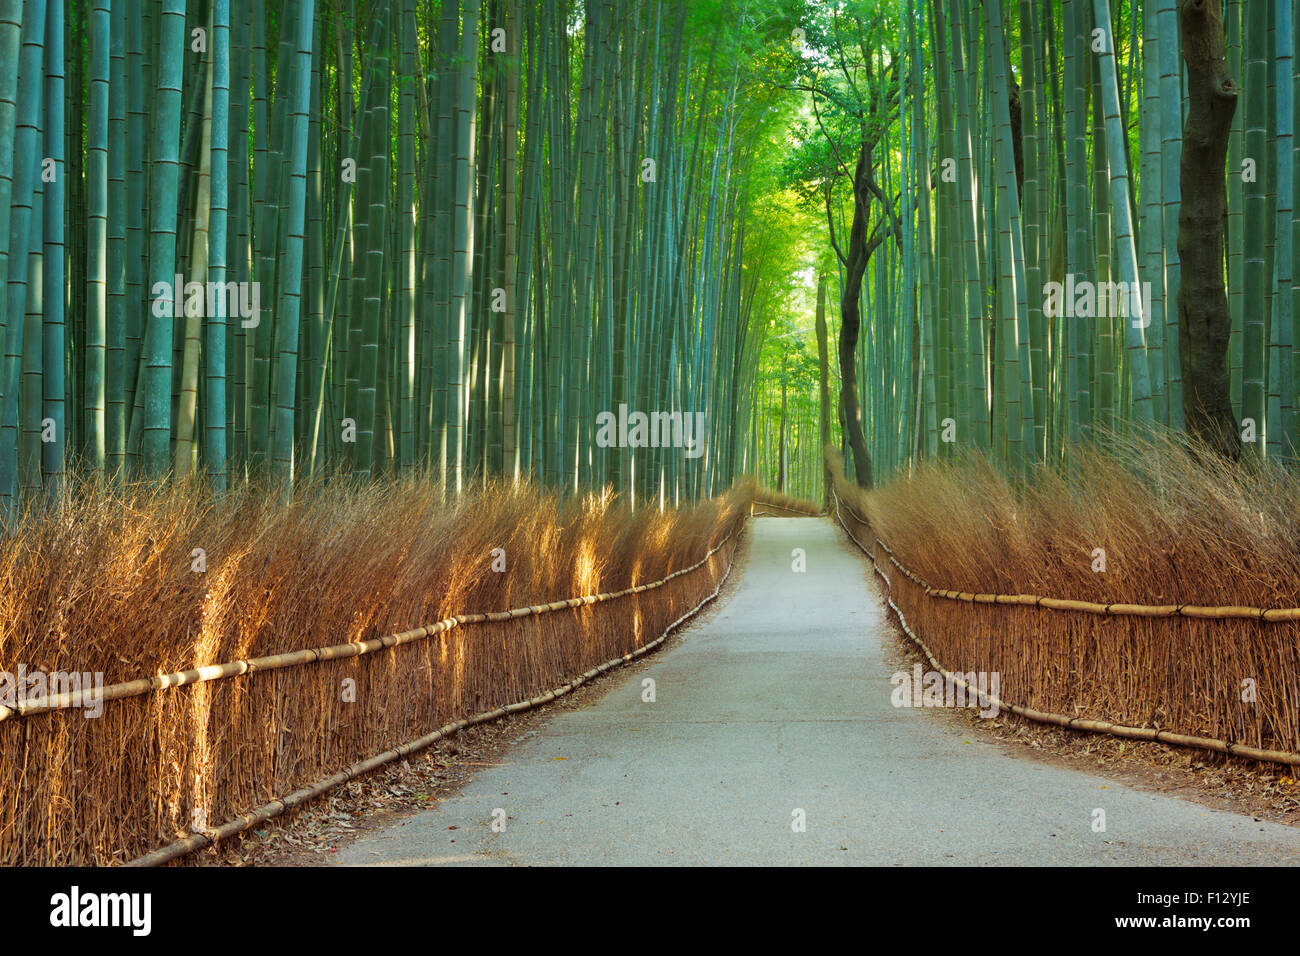 Un chemin à travers une forêt de bambous. Photographié à l'Arashiyama bamboo grove près Photo Stock